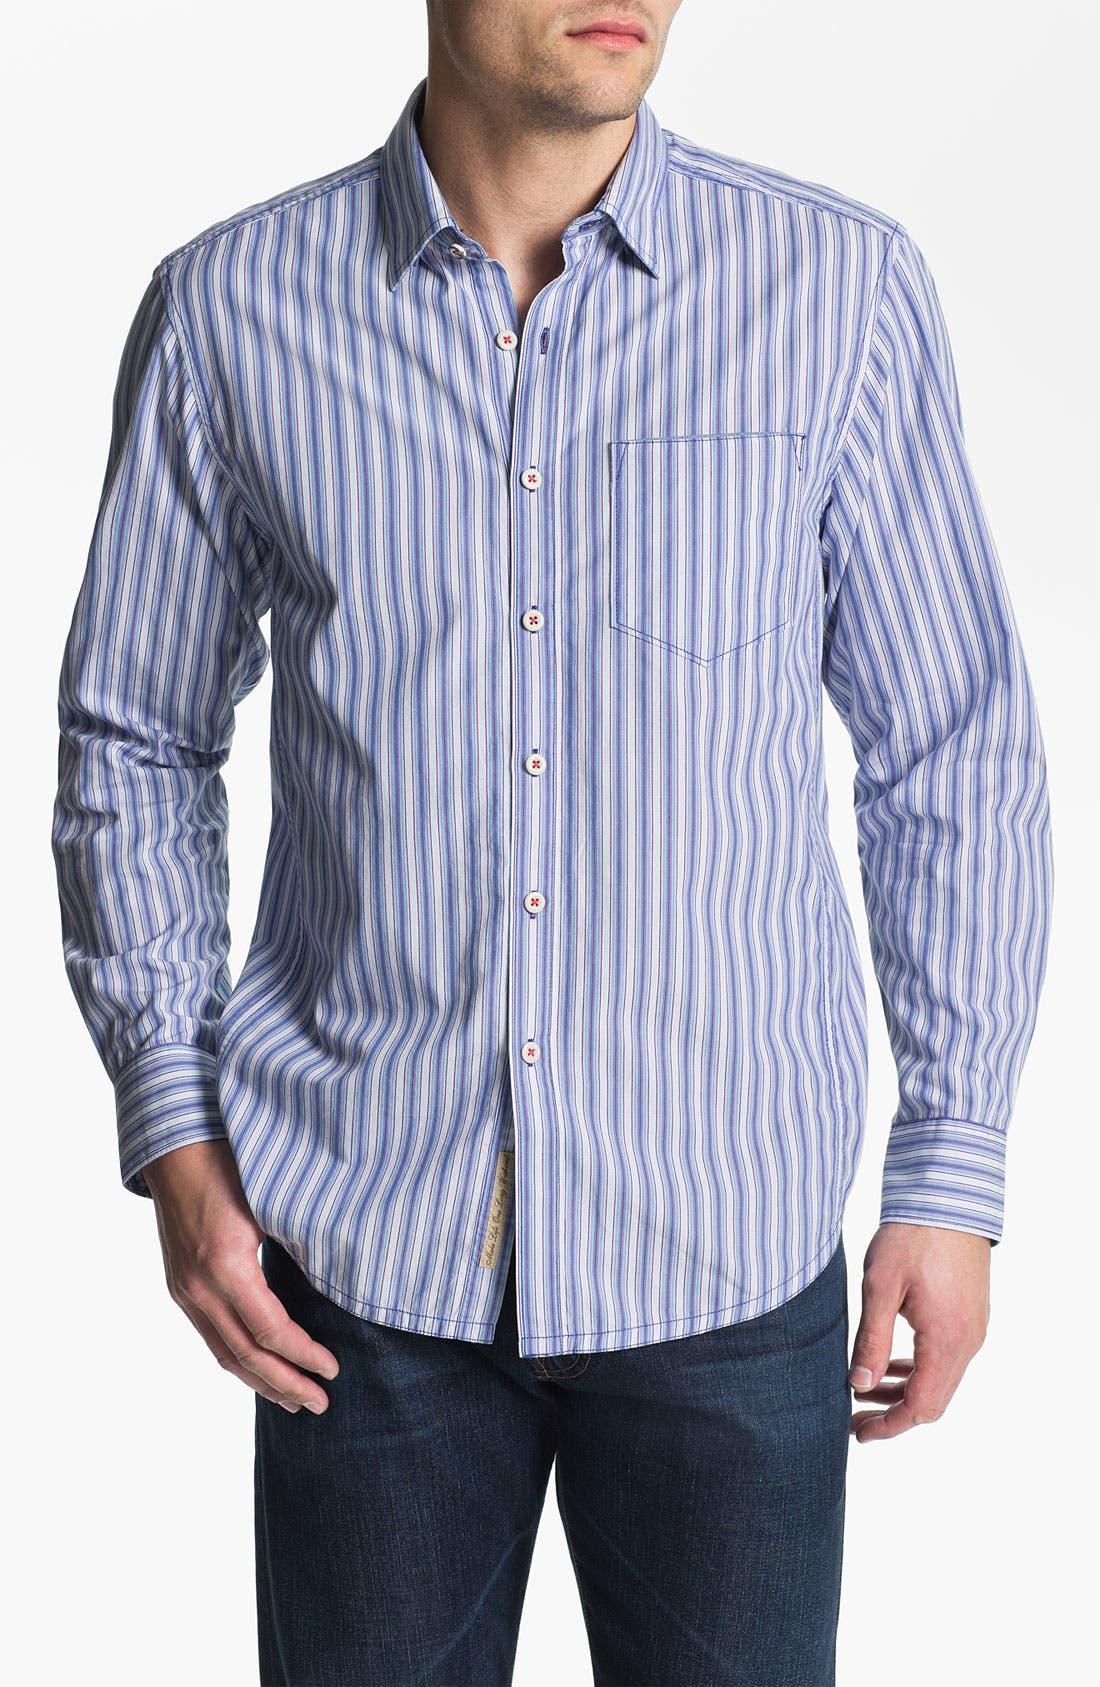 Main Image - Tommy Bahama Denim 'Stripe Tease' Sport Shirt